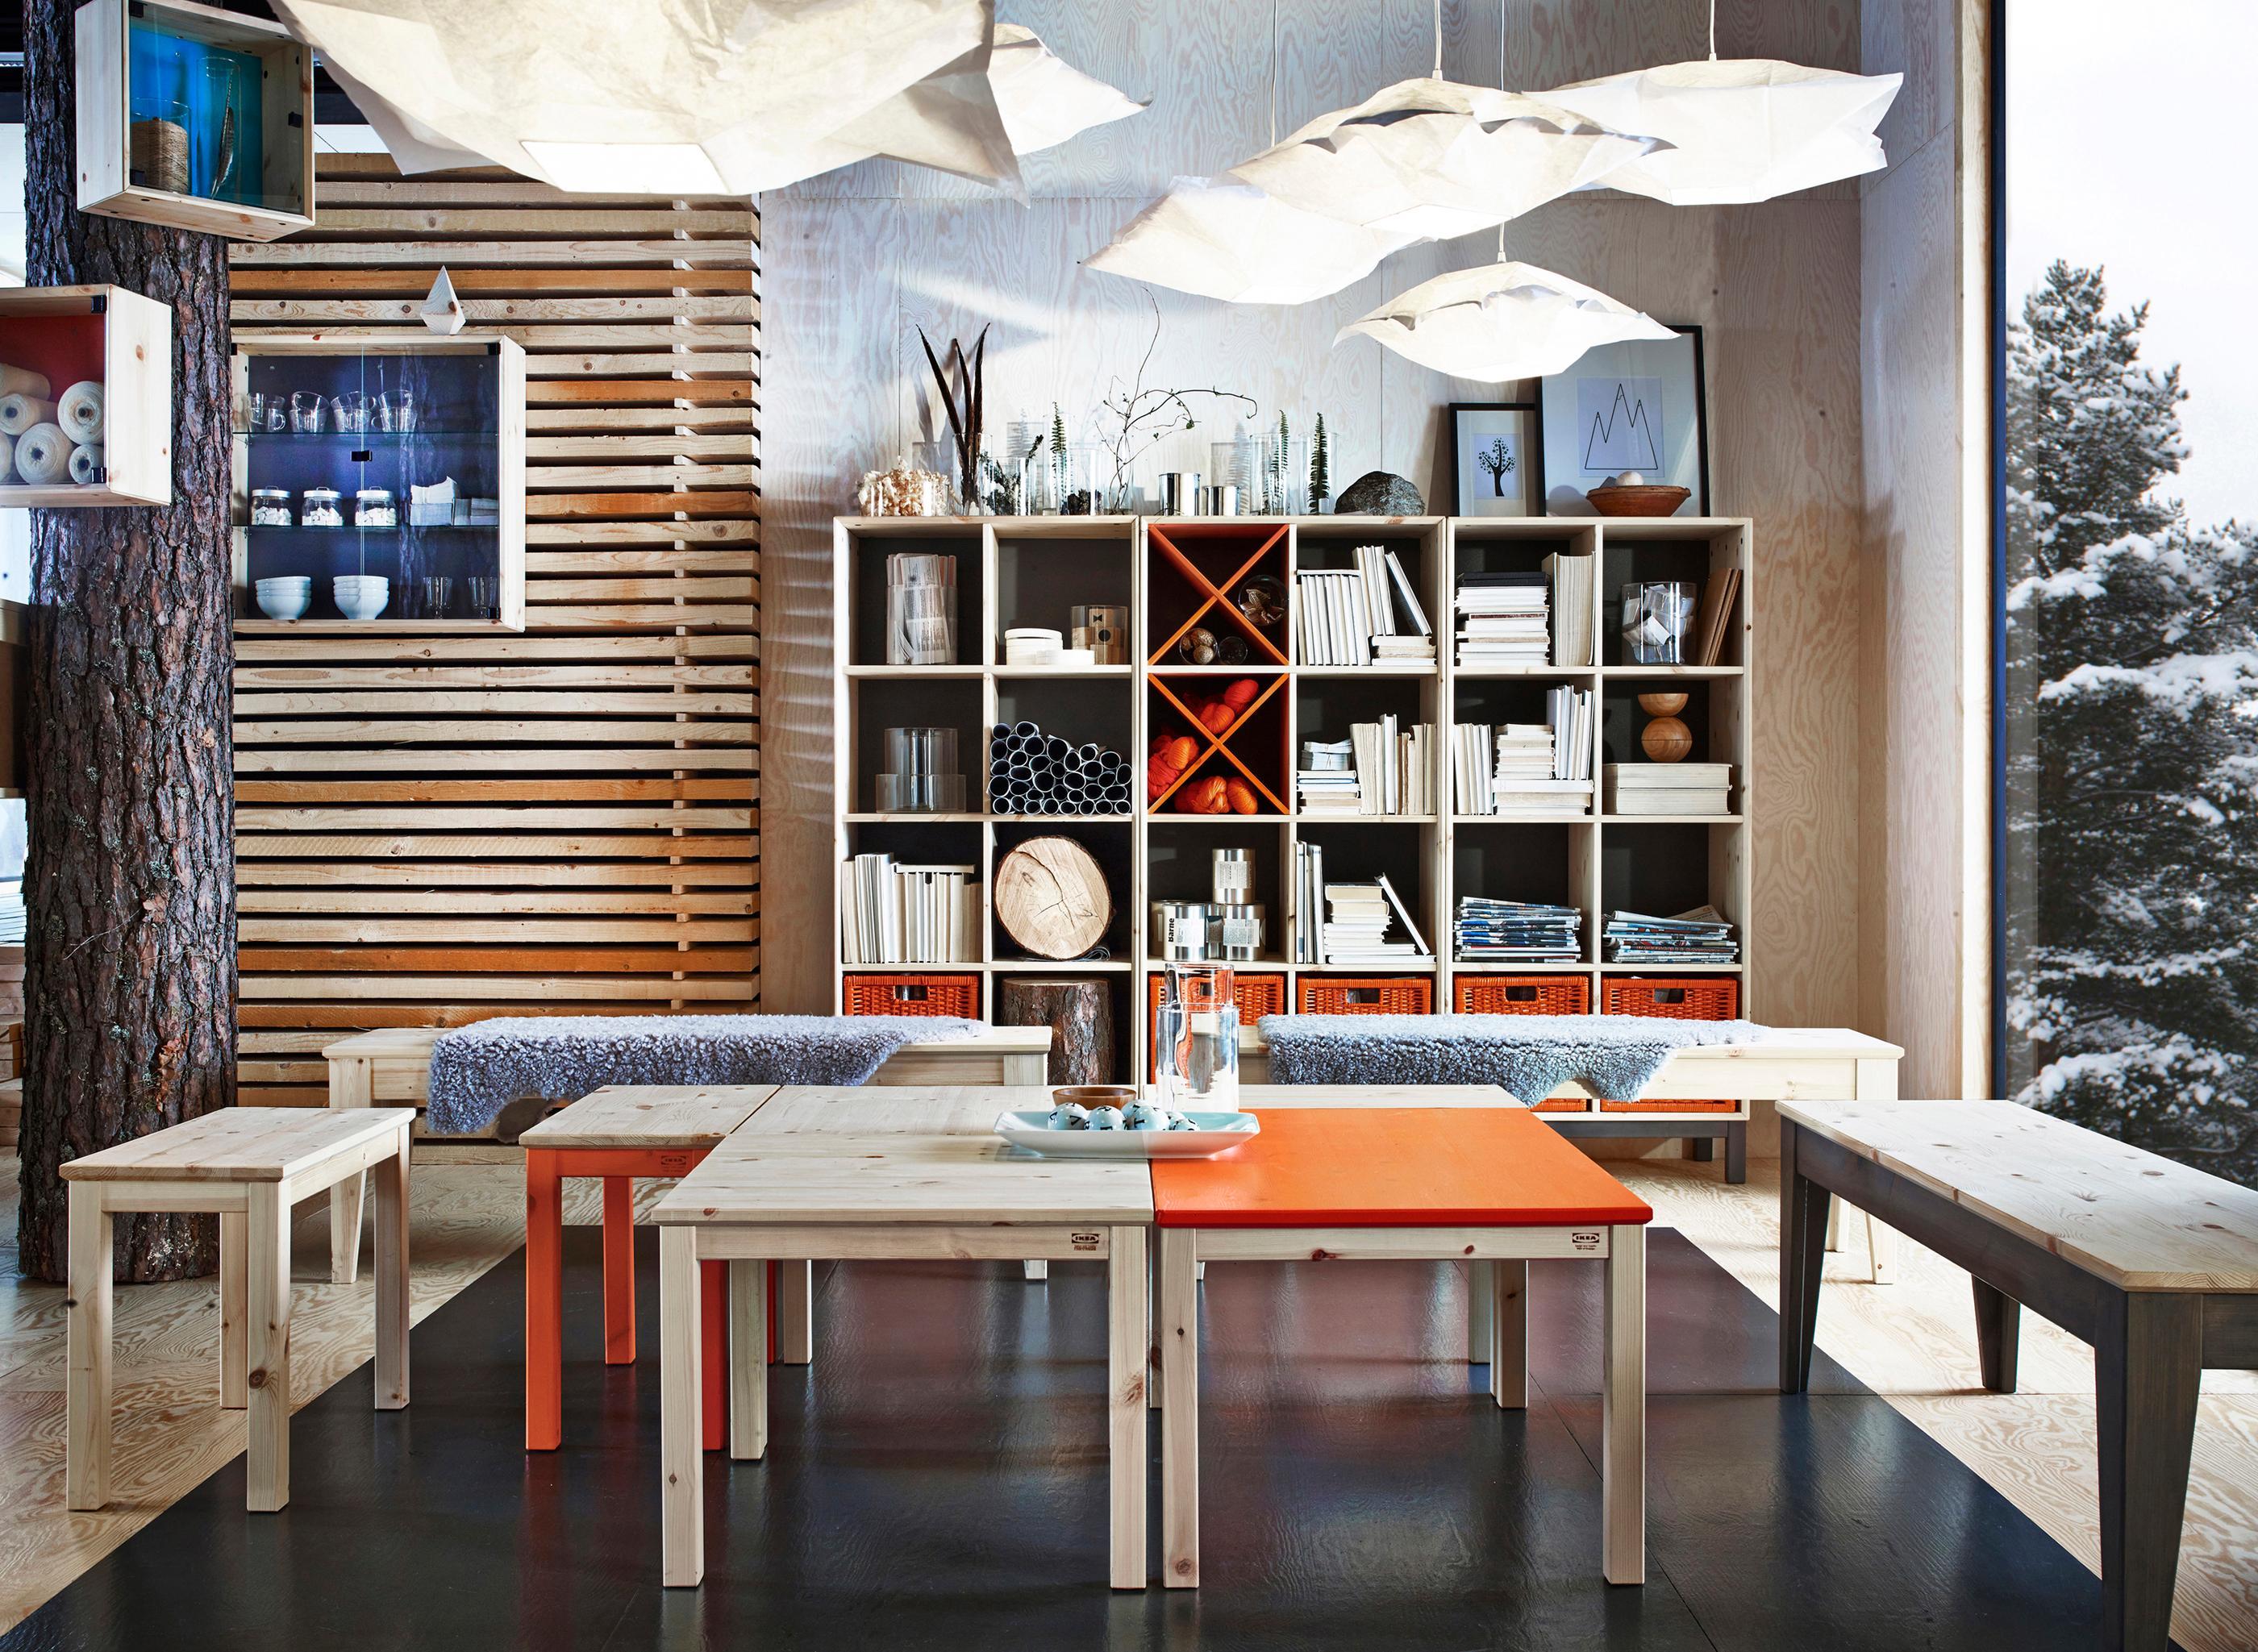 orangefarbene möbel und quadratische formen #schrank